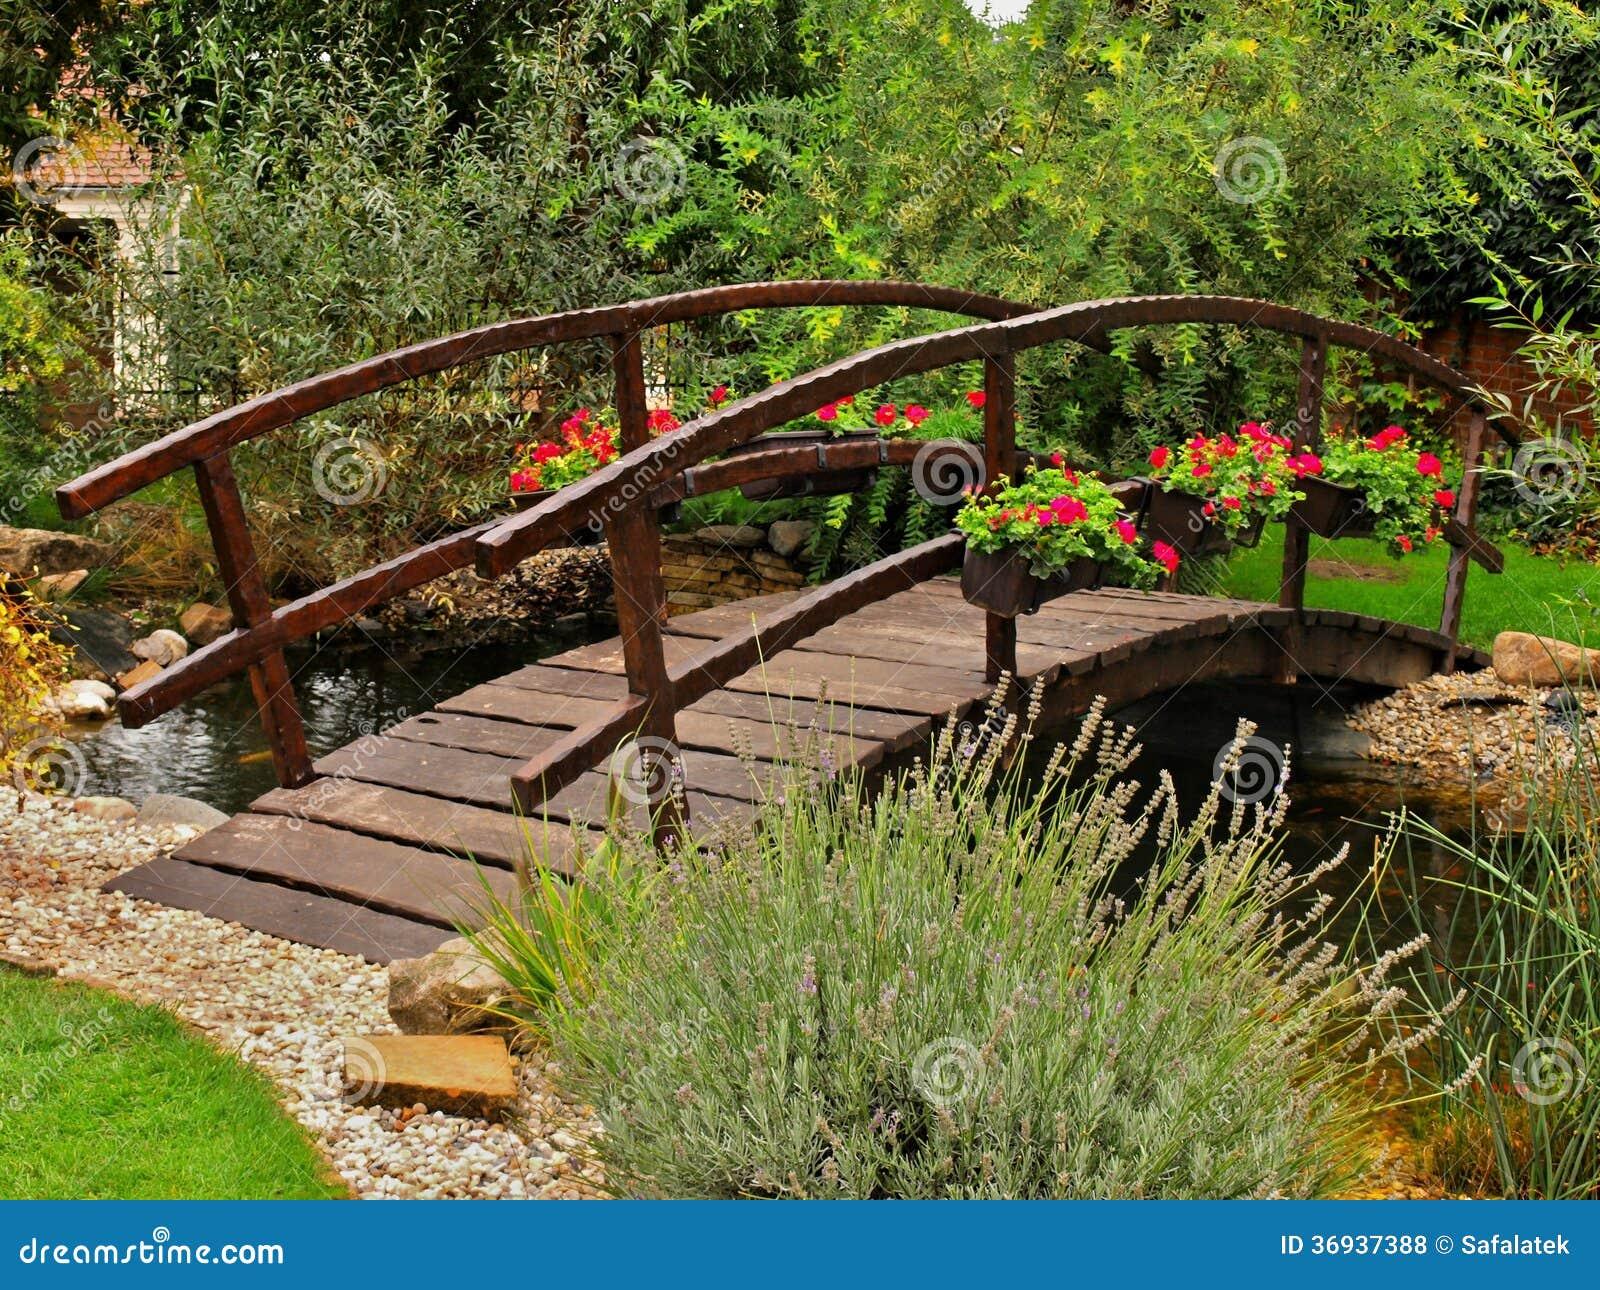 Ponte De Madeira No Jardim Fotos de Stock Royalty Free  Imagem